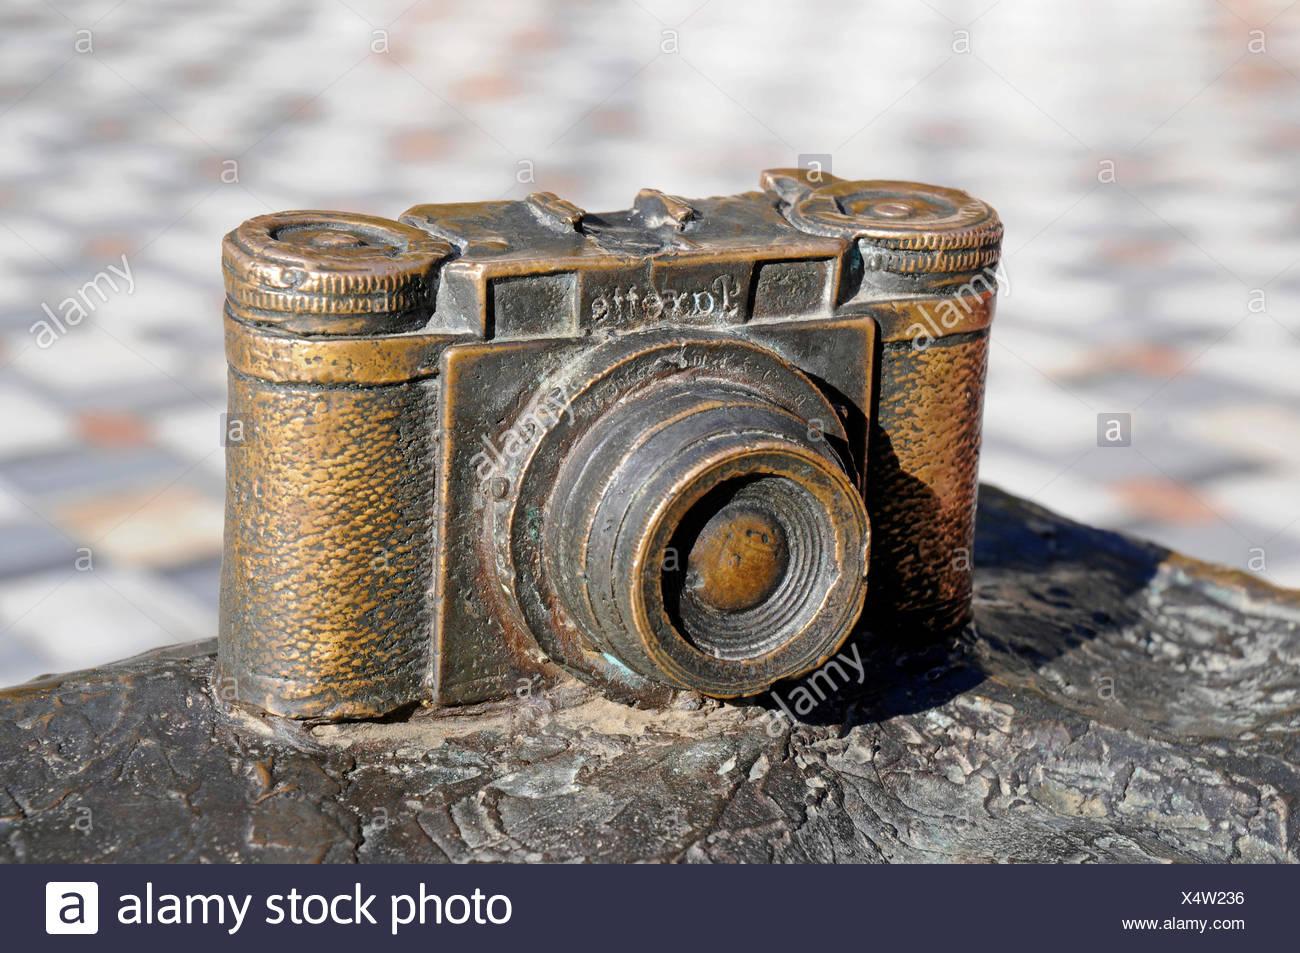 Modello in bronzo di un Braun Paxtte Mirino fotocamera, Nerja, provincia di Malaga, Costa del Sol, Andalusia, Spagna Immagini Stock